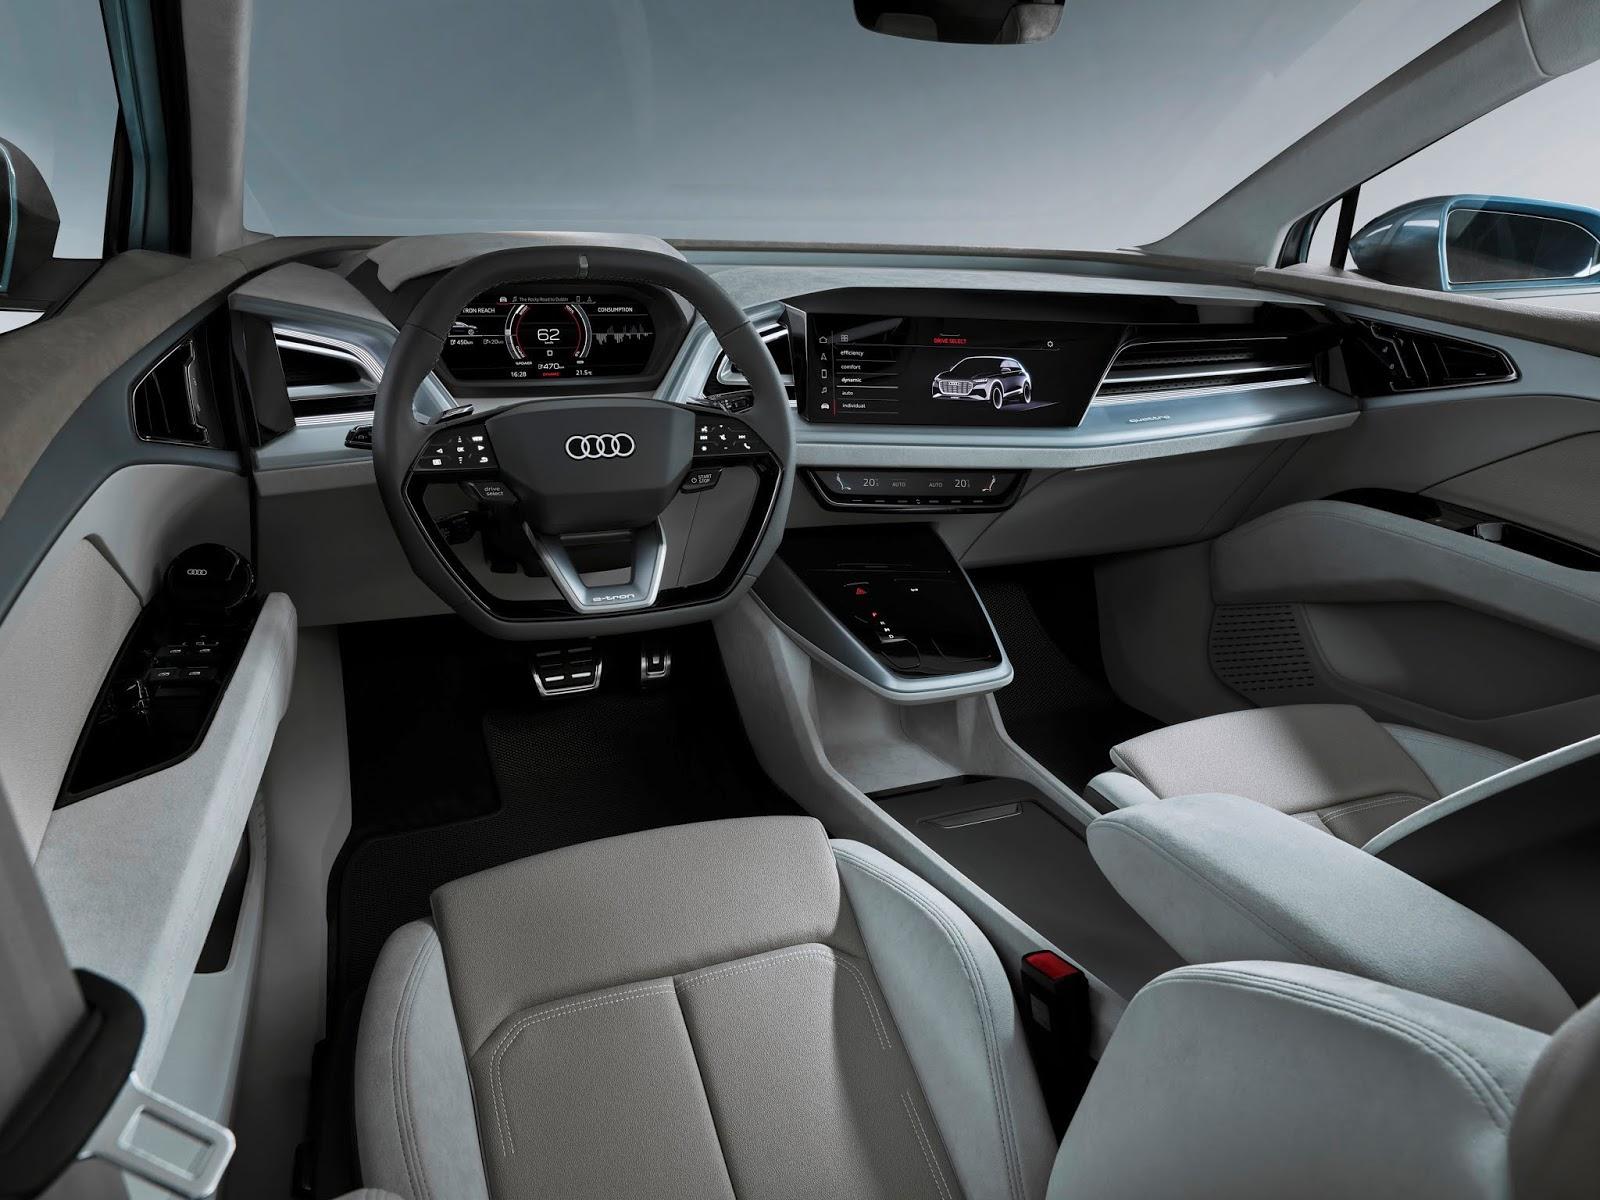 A192571 medium Αυτό είναι το Audi Q4 e-tron Audi, audi q4, E-tron, Έκθεση Γενεύης, Σαλόνι Αυτοκινήτου, Σαλόνι Αυτοκινήτου της Γενεύης